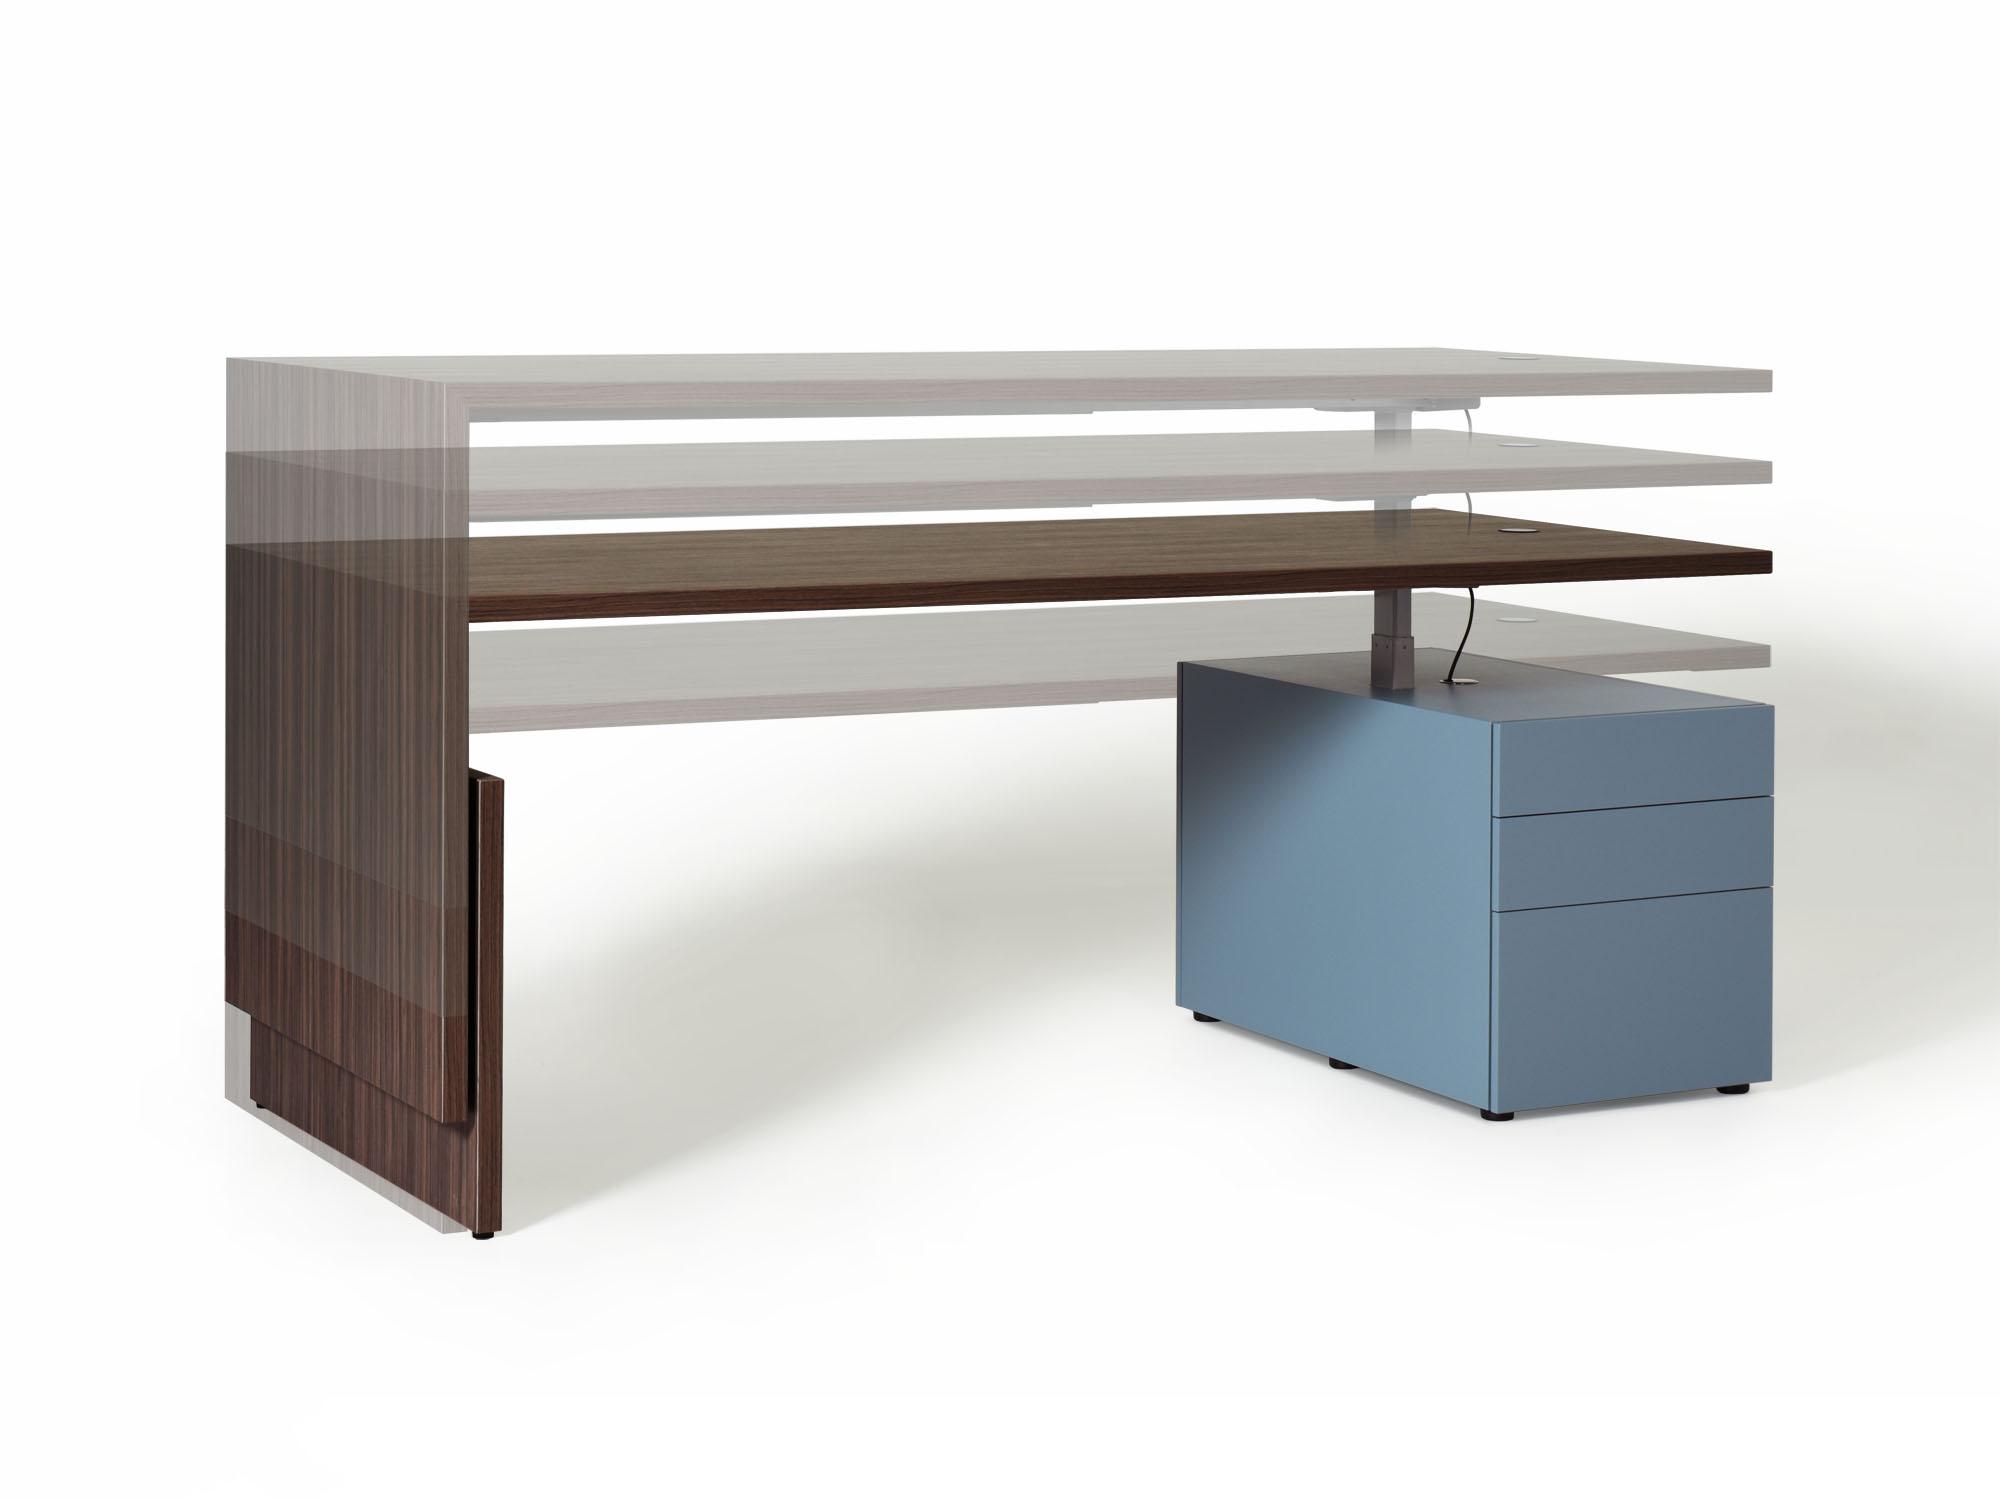 Castelijn LVV zitsta - design by Marieke Castelijn